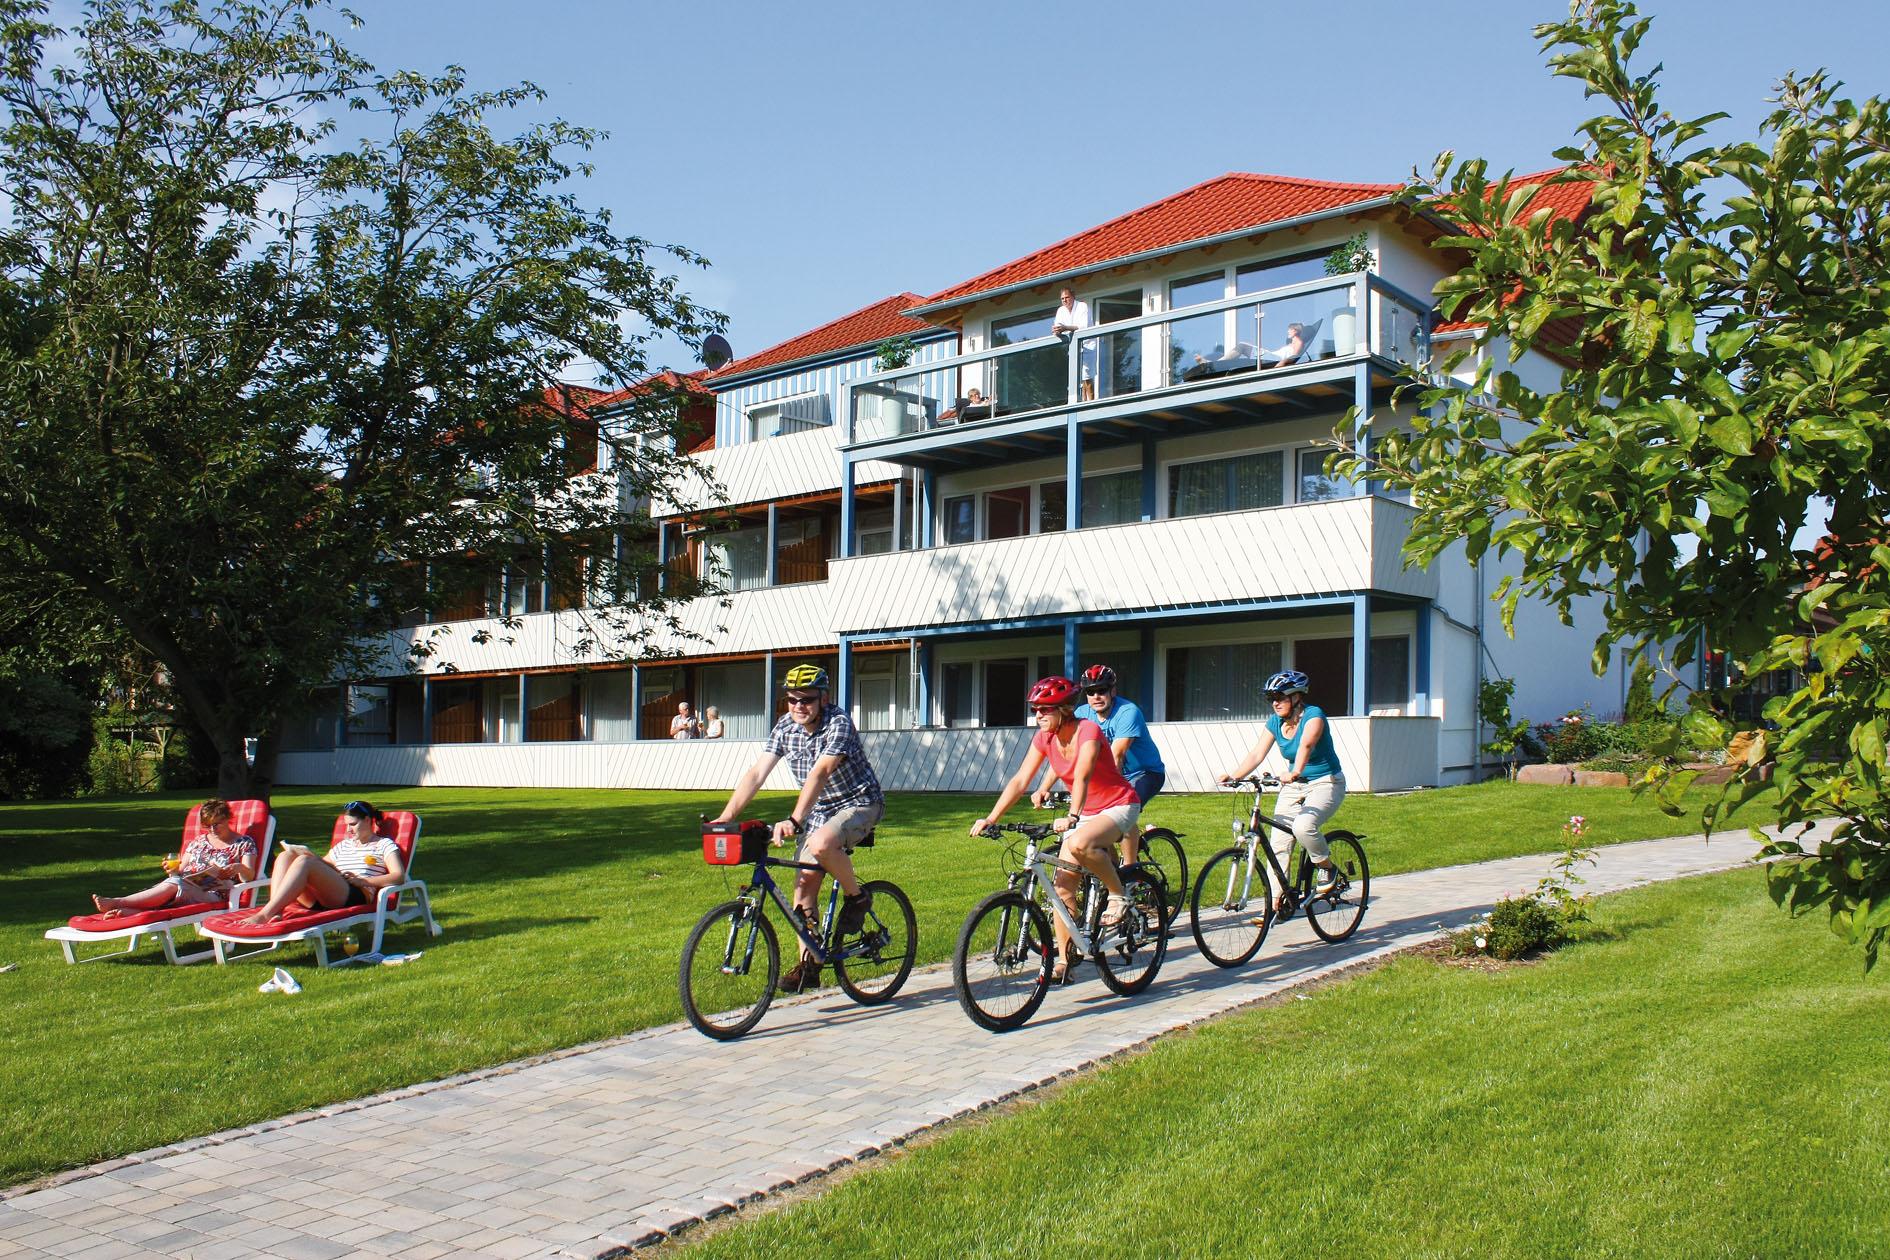 Wesertal_Hotel_Kronenhof_Fahrrad.jpg